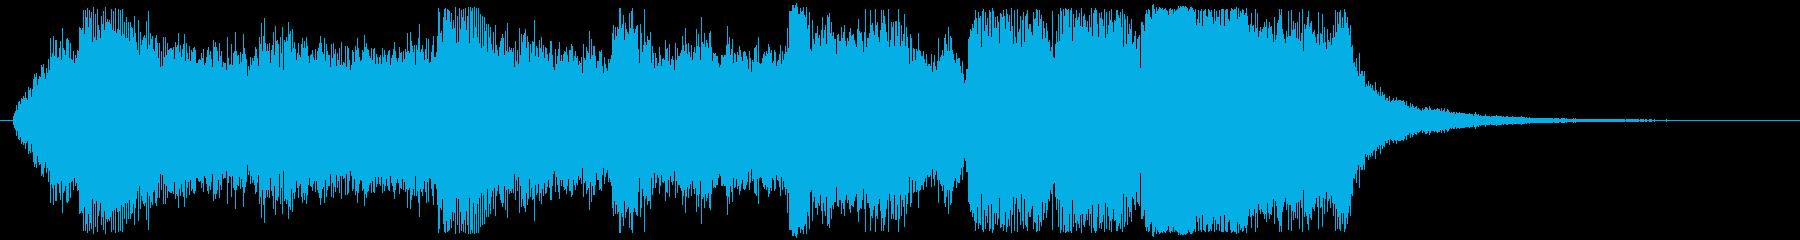 オーケストラ・ファンタジックなジングルの再生済みの波形